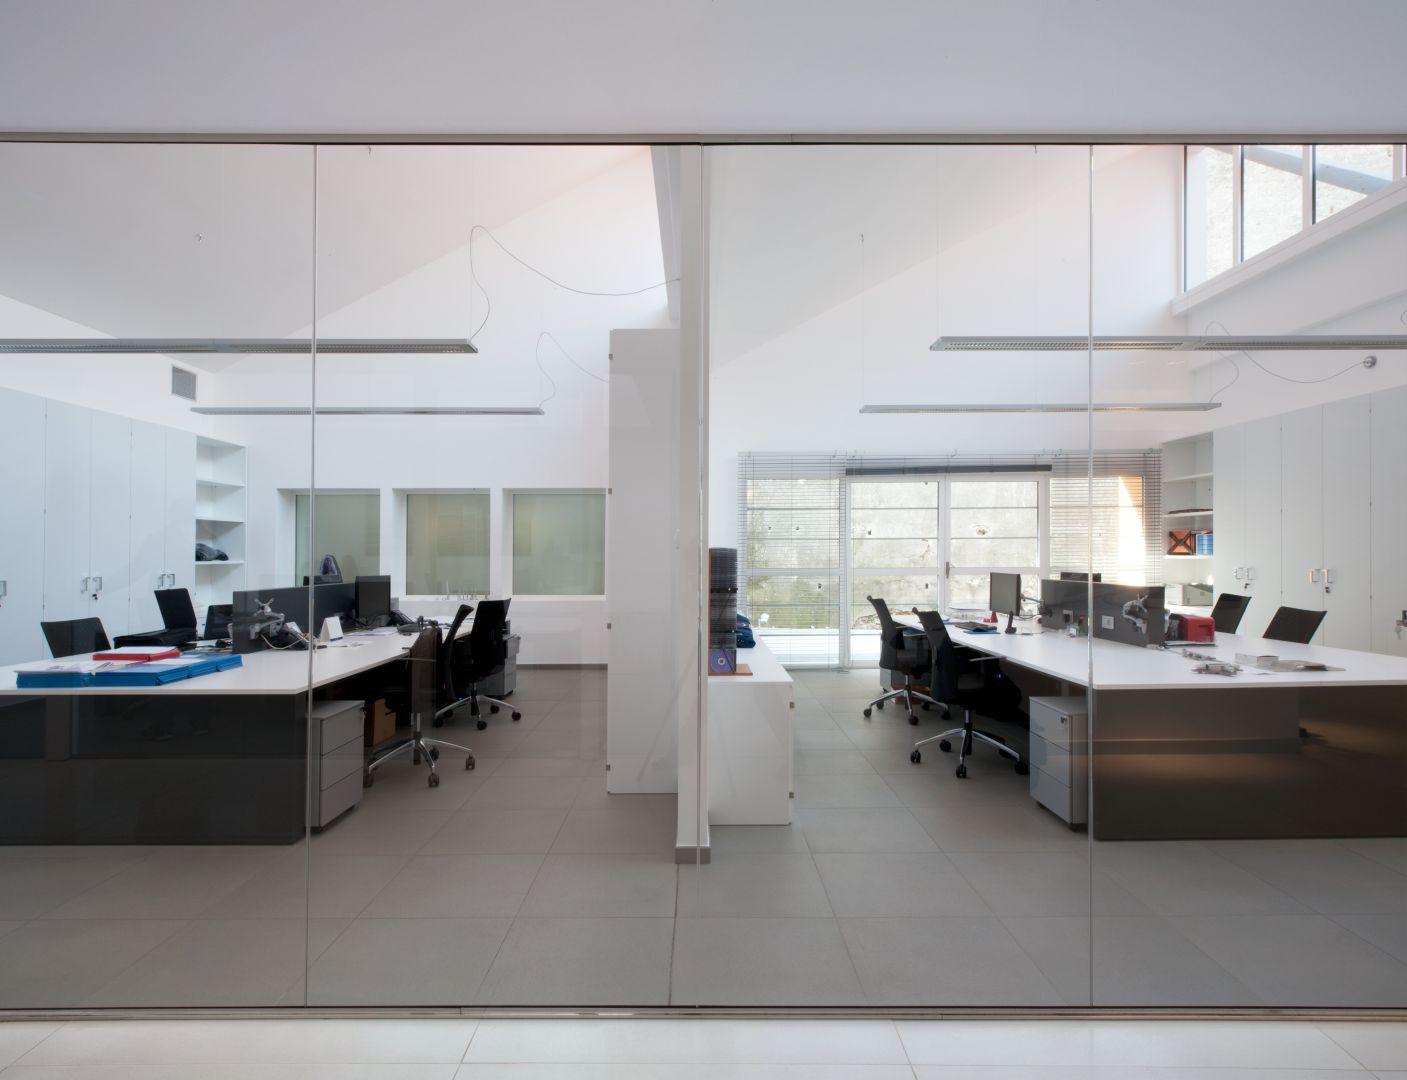 Uffici direzionali brembate di sopra vimar energia positiva - Immagini di uffici ...